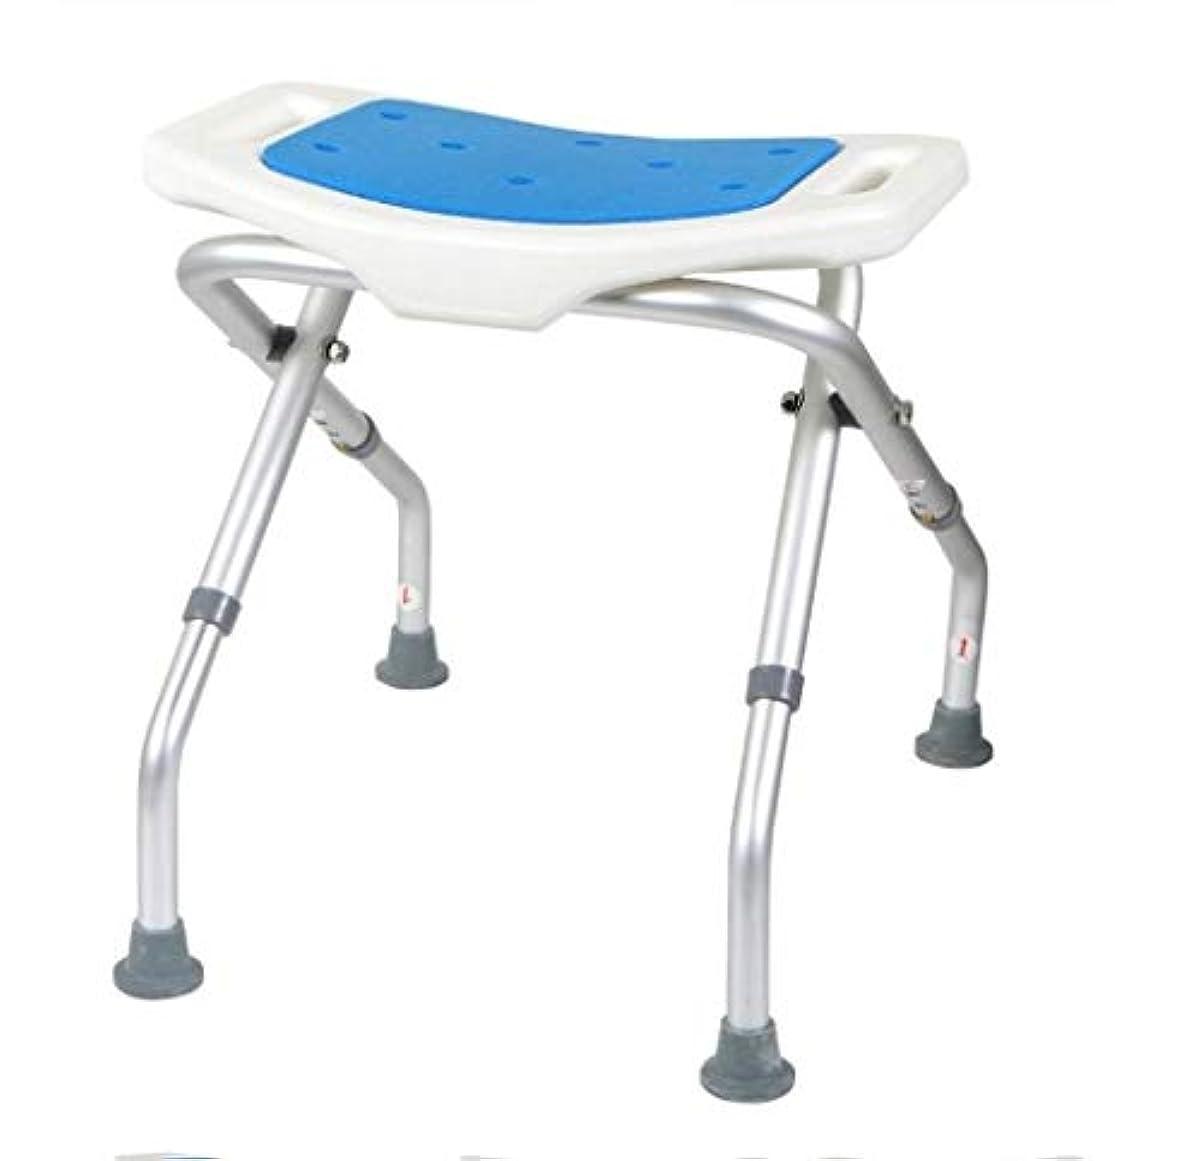 葉ピル医学軽量高さ調節可能なシャワースツール、バスルームシート、シャワーチェア、高齢者用入浴用品、身体障害者用、バスシートベンチ